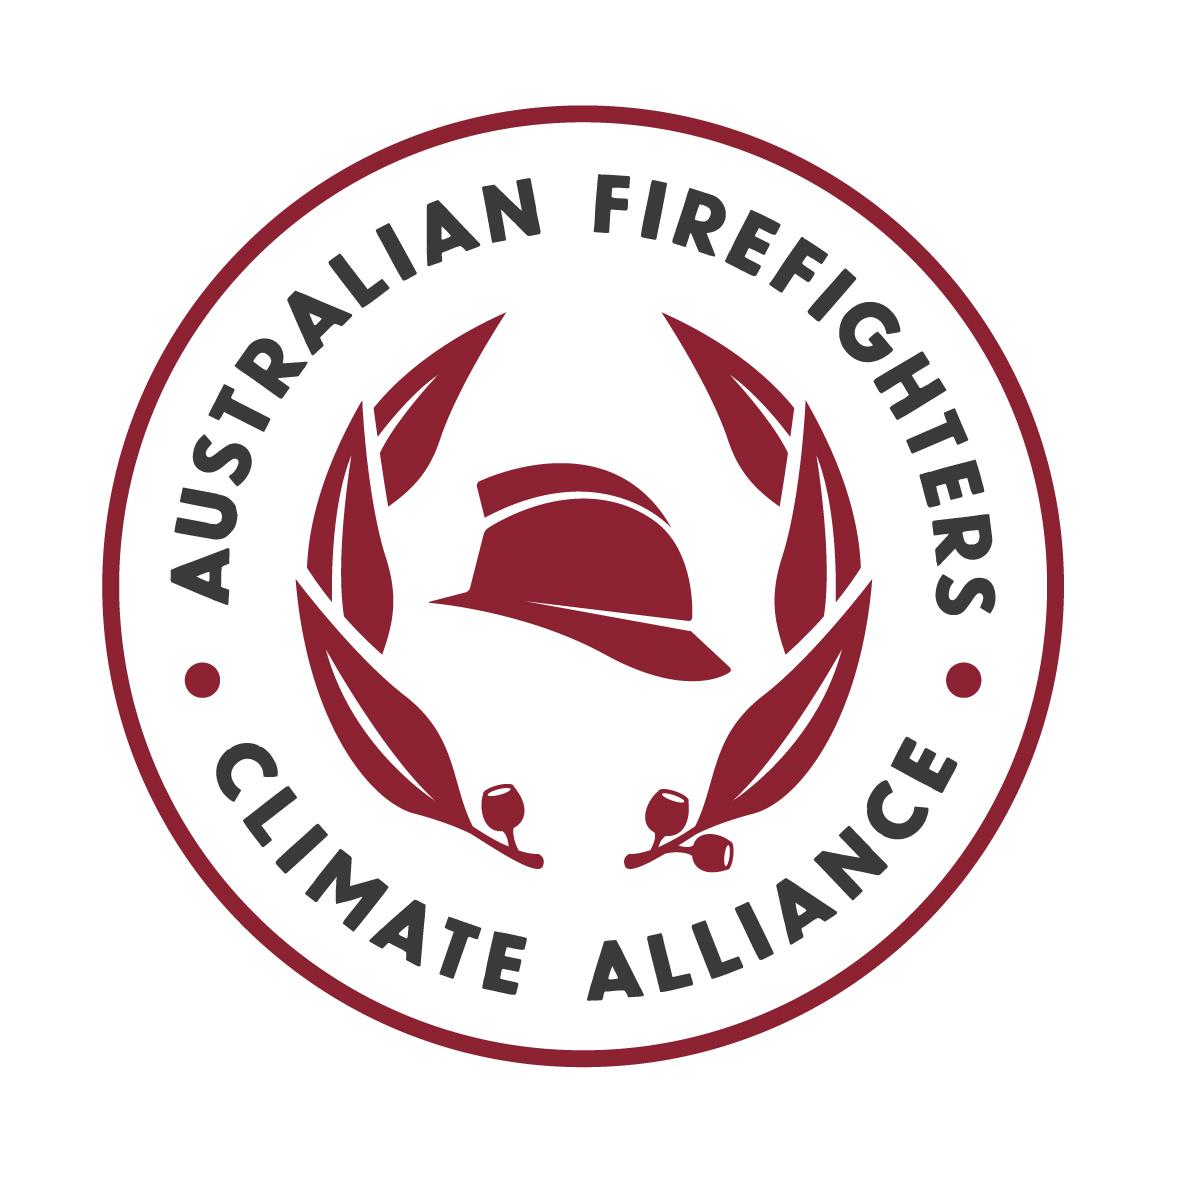 http://www.ausfca.org.au/